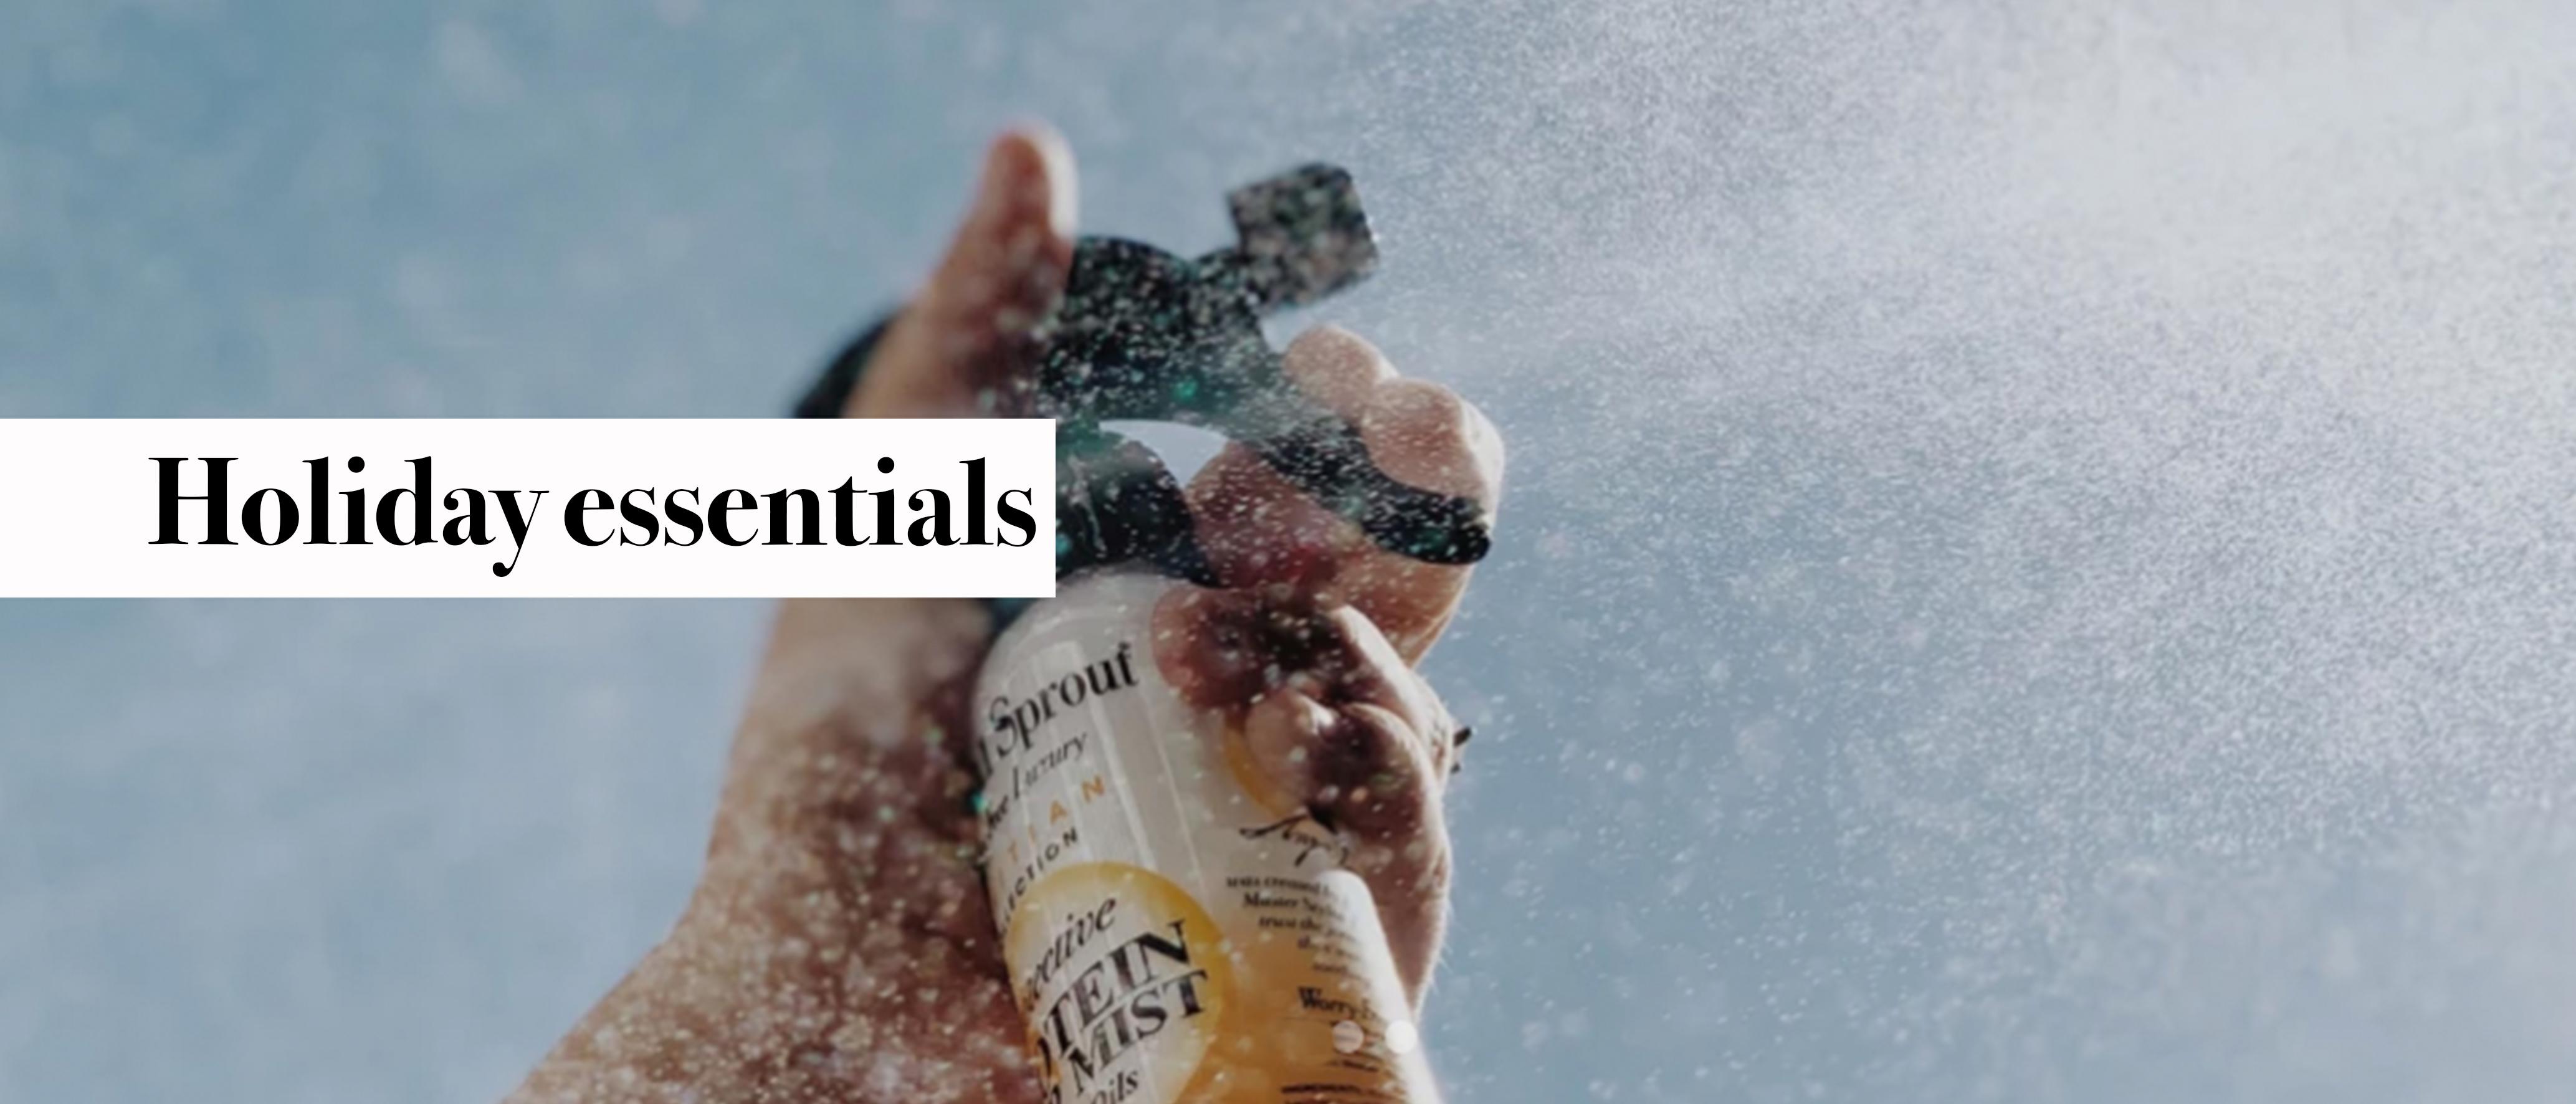 Holiday-essentials-